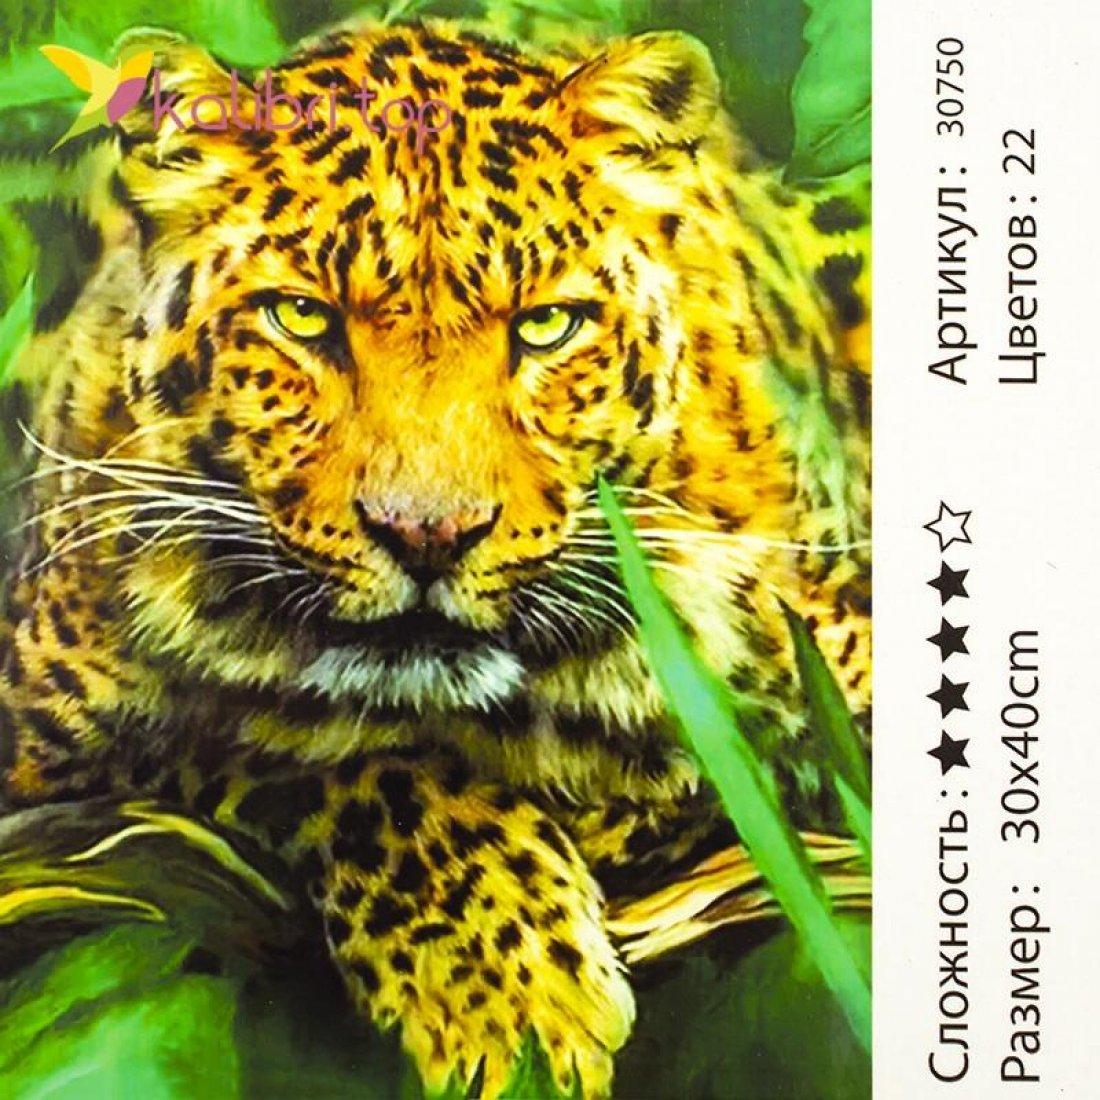 Рисования по номерам Гепард 30*40 см оптом фото 1